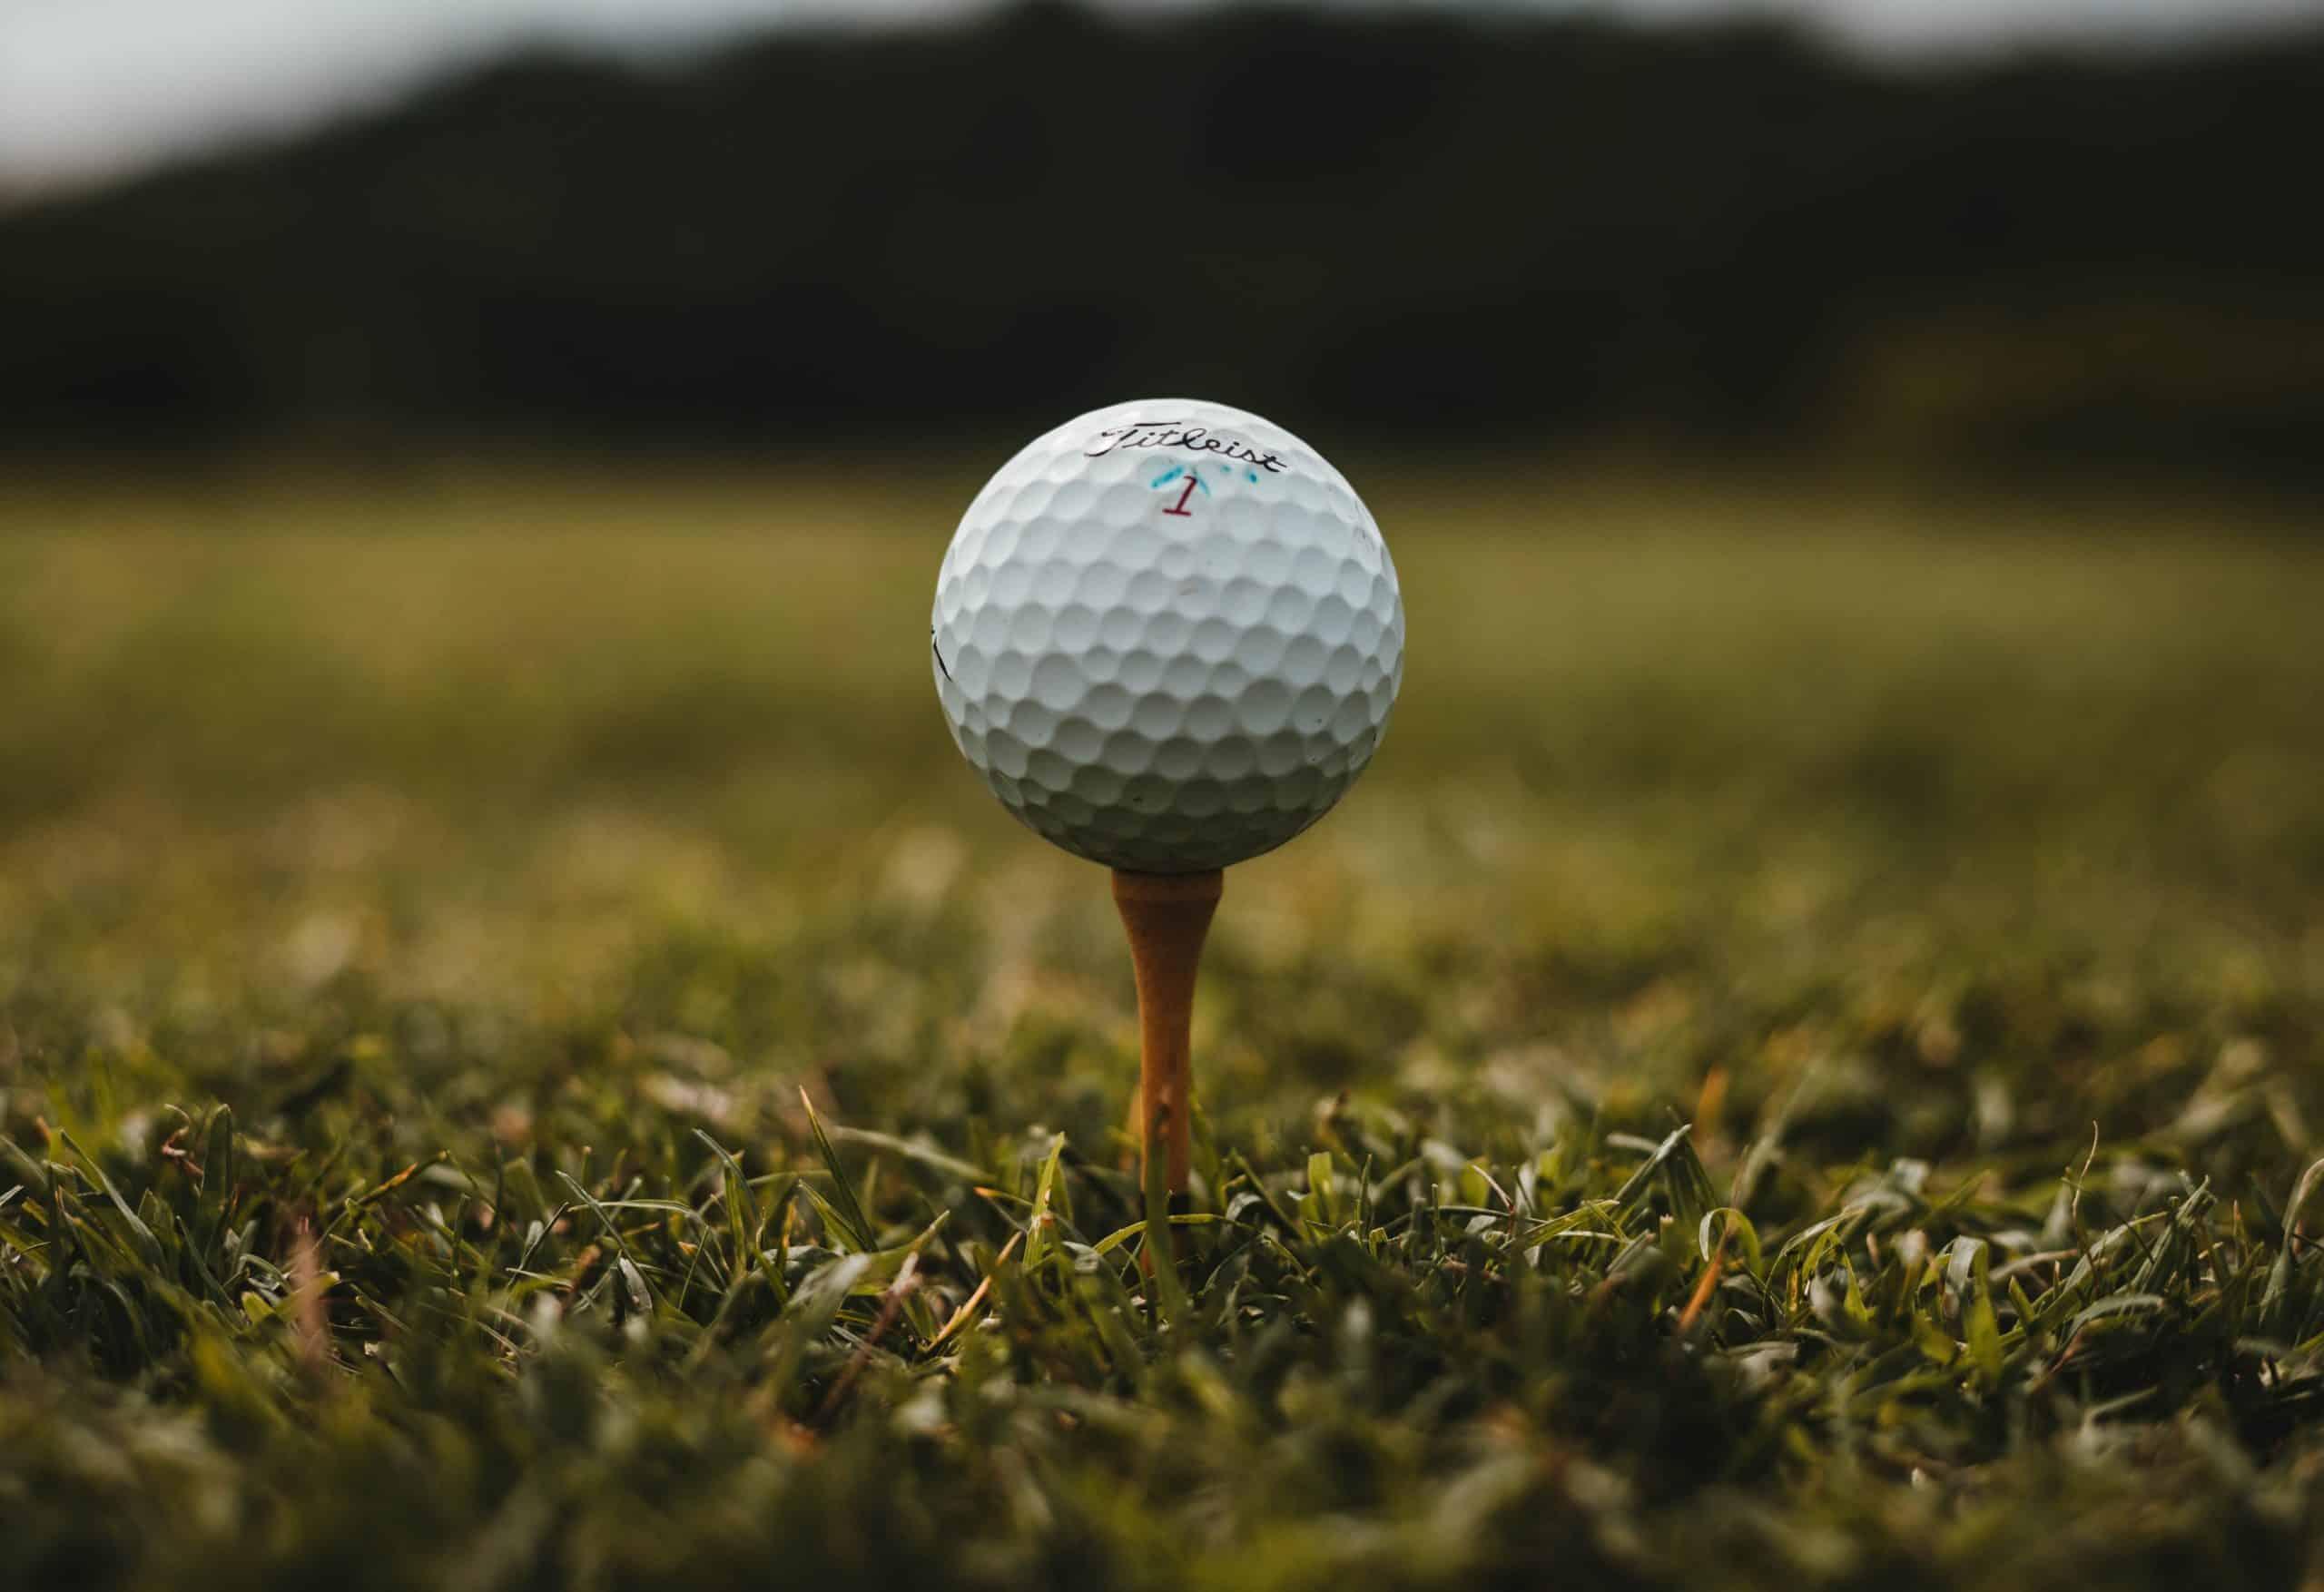 Golfversicherungen bieten Schutz bei Diebstahl